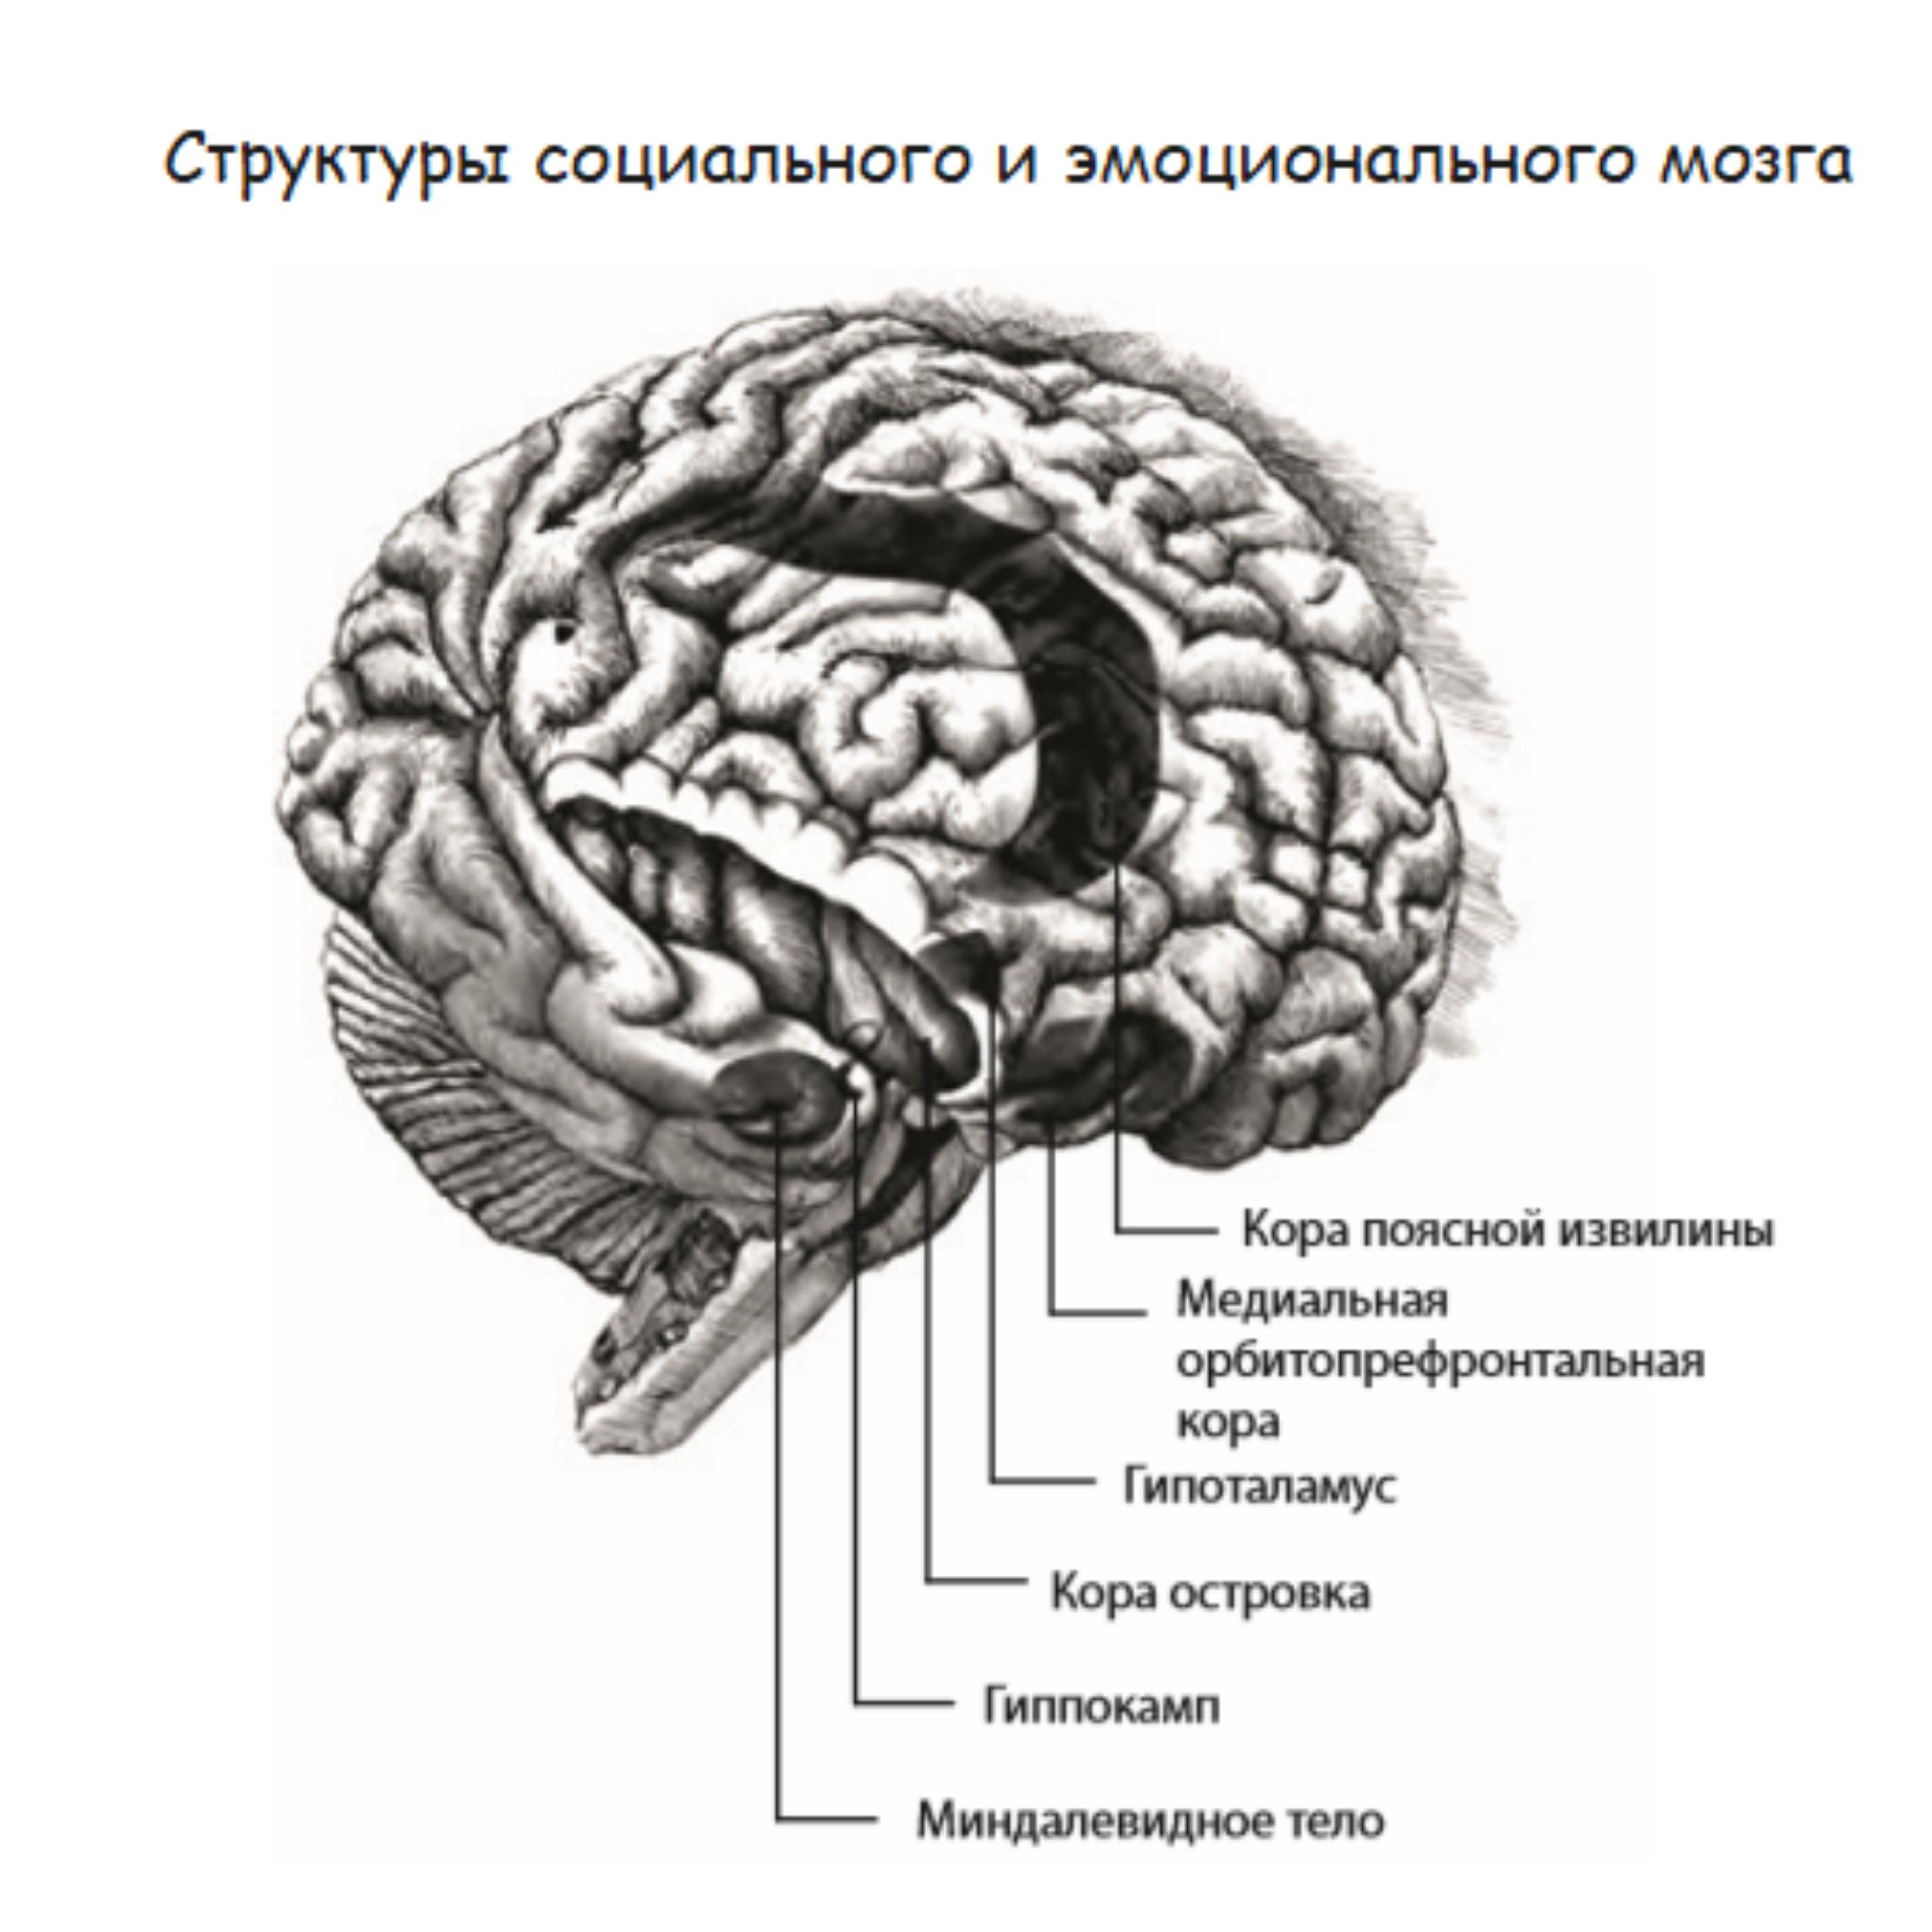 эмоциональный мозг